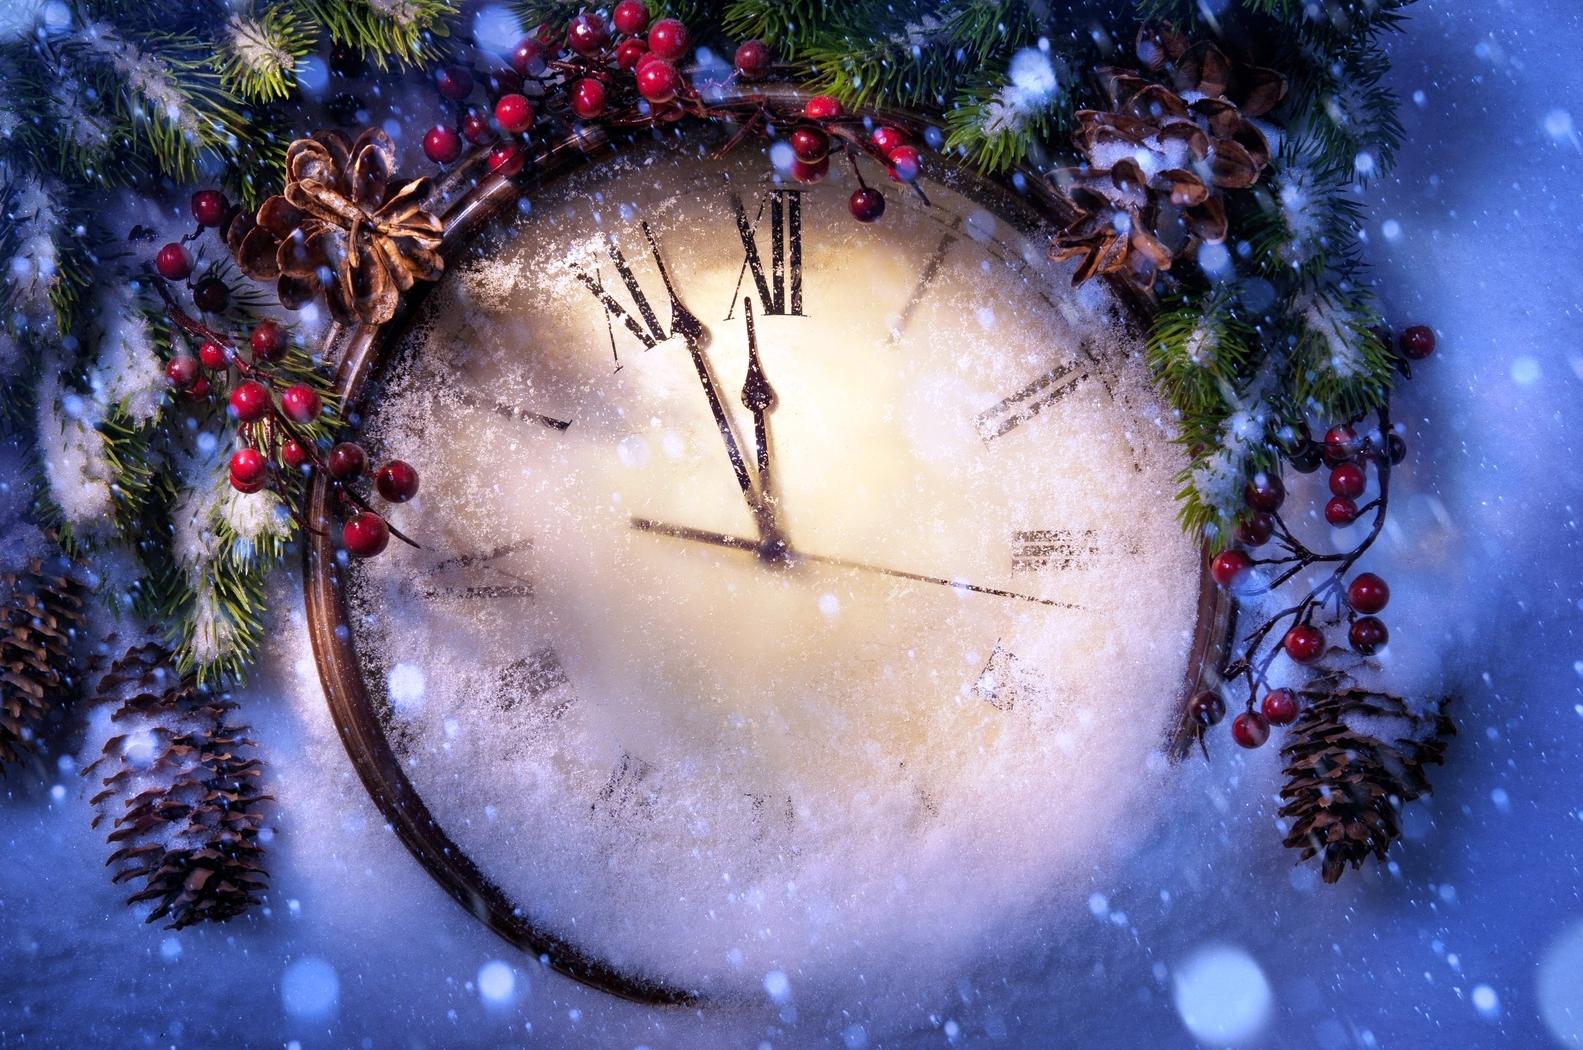 Красивые картинки для наступающего нового года